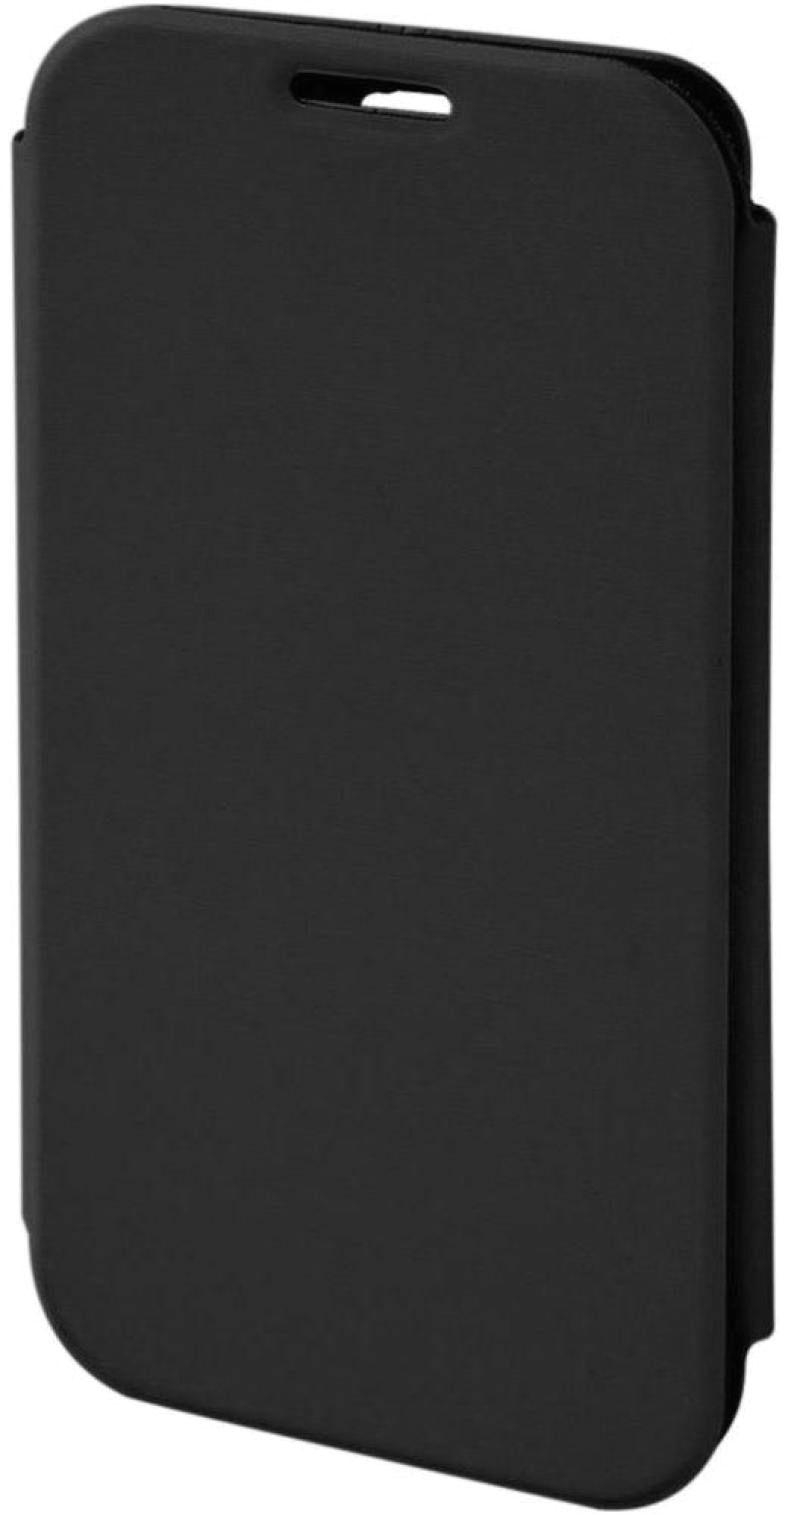 Купить Neypo Чехол-книжка Book Type для Samsung Galaxy A40 SM-A405FN в интернет магазине. Цены, фото, описания, характеристики, отзывы, обзоры